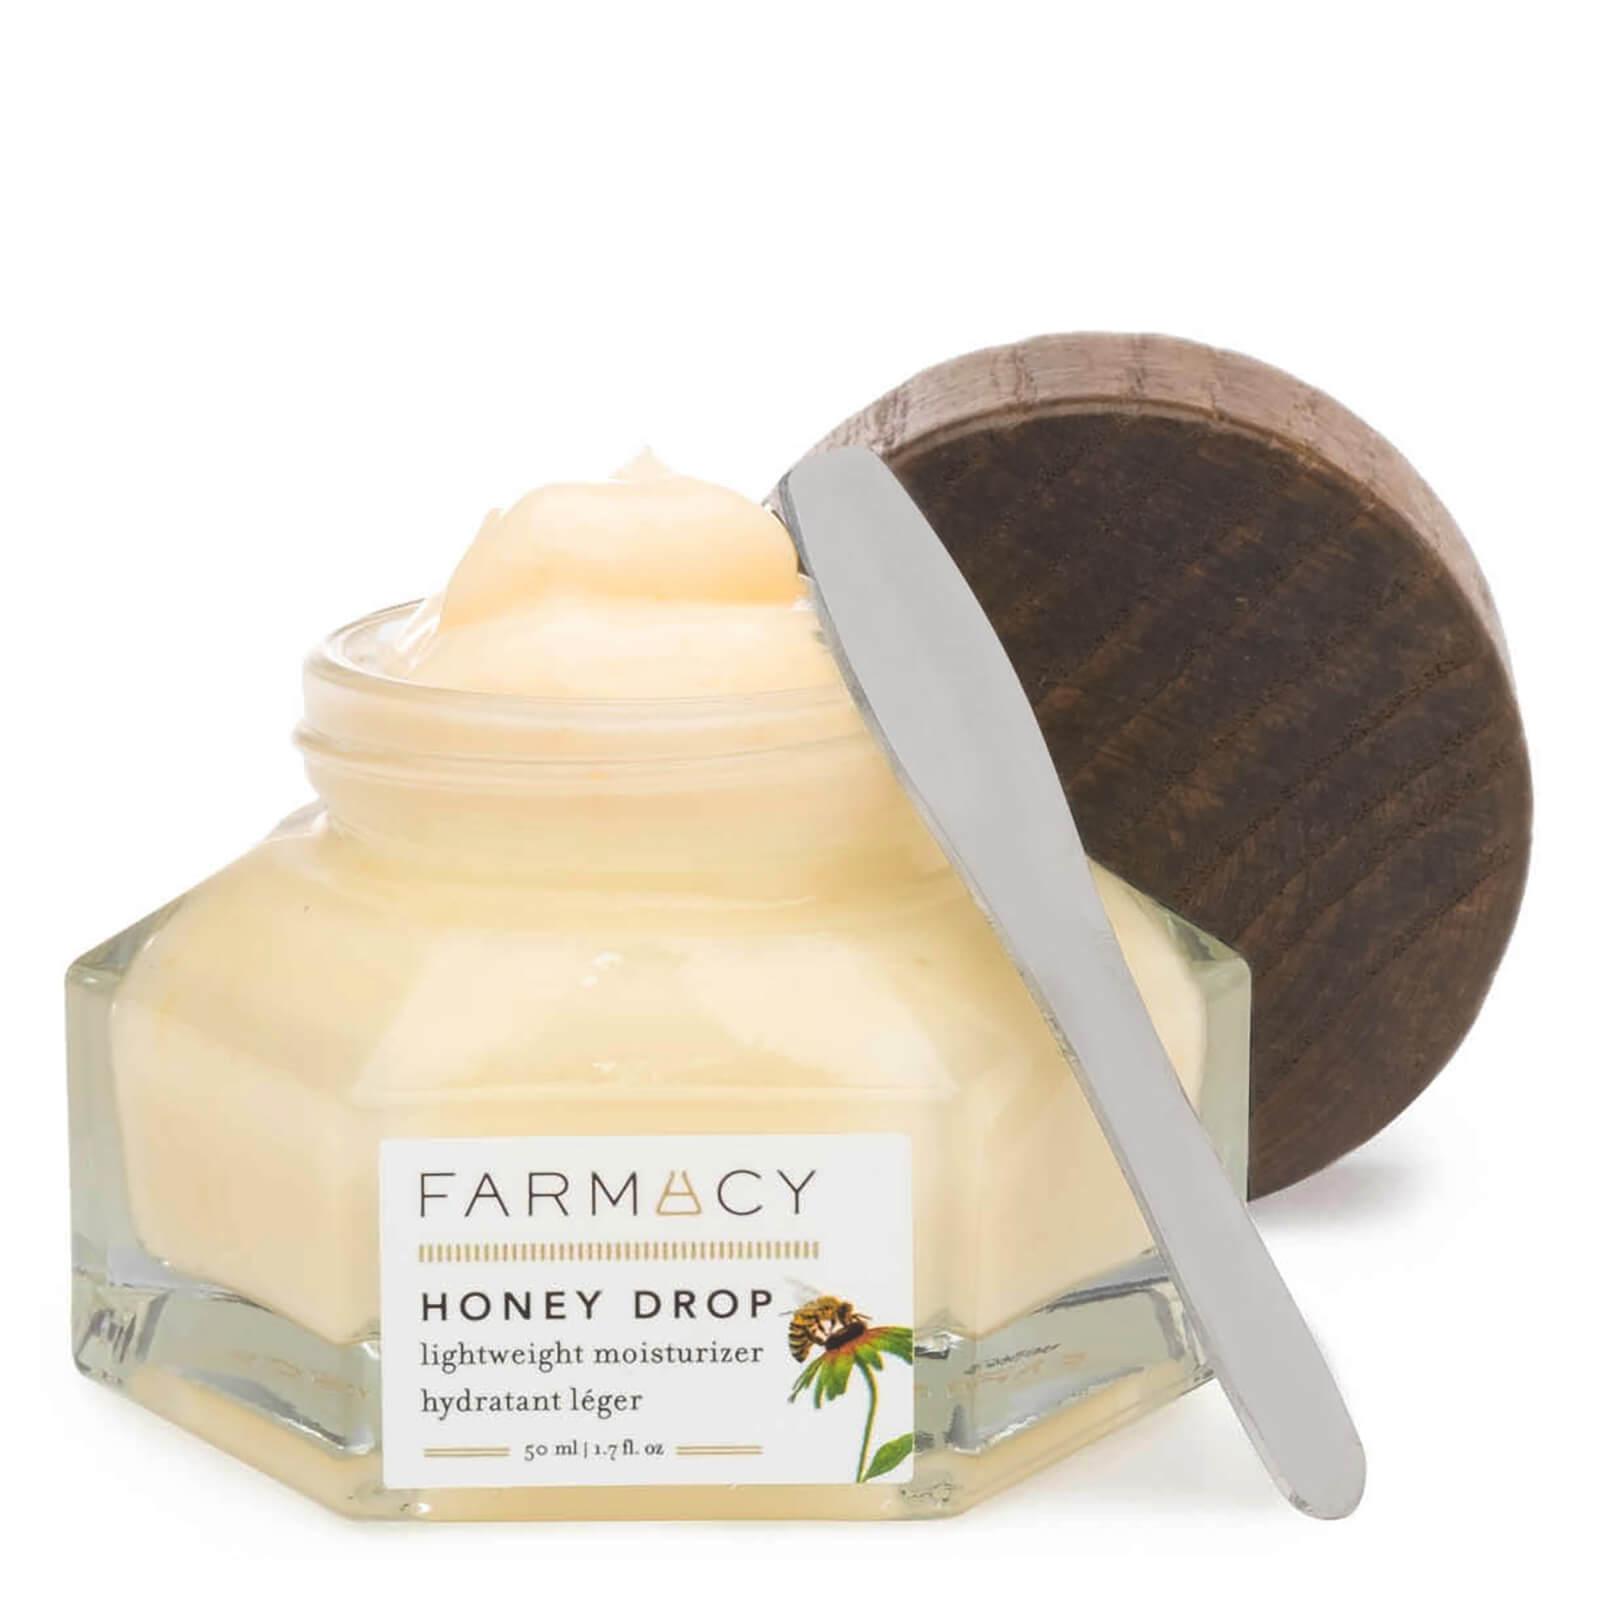 Farmacy 蜂蜜水润面霜 50ml